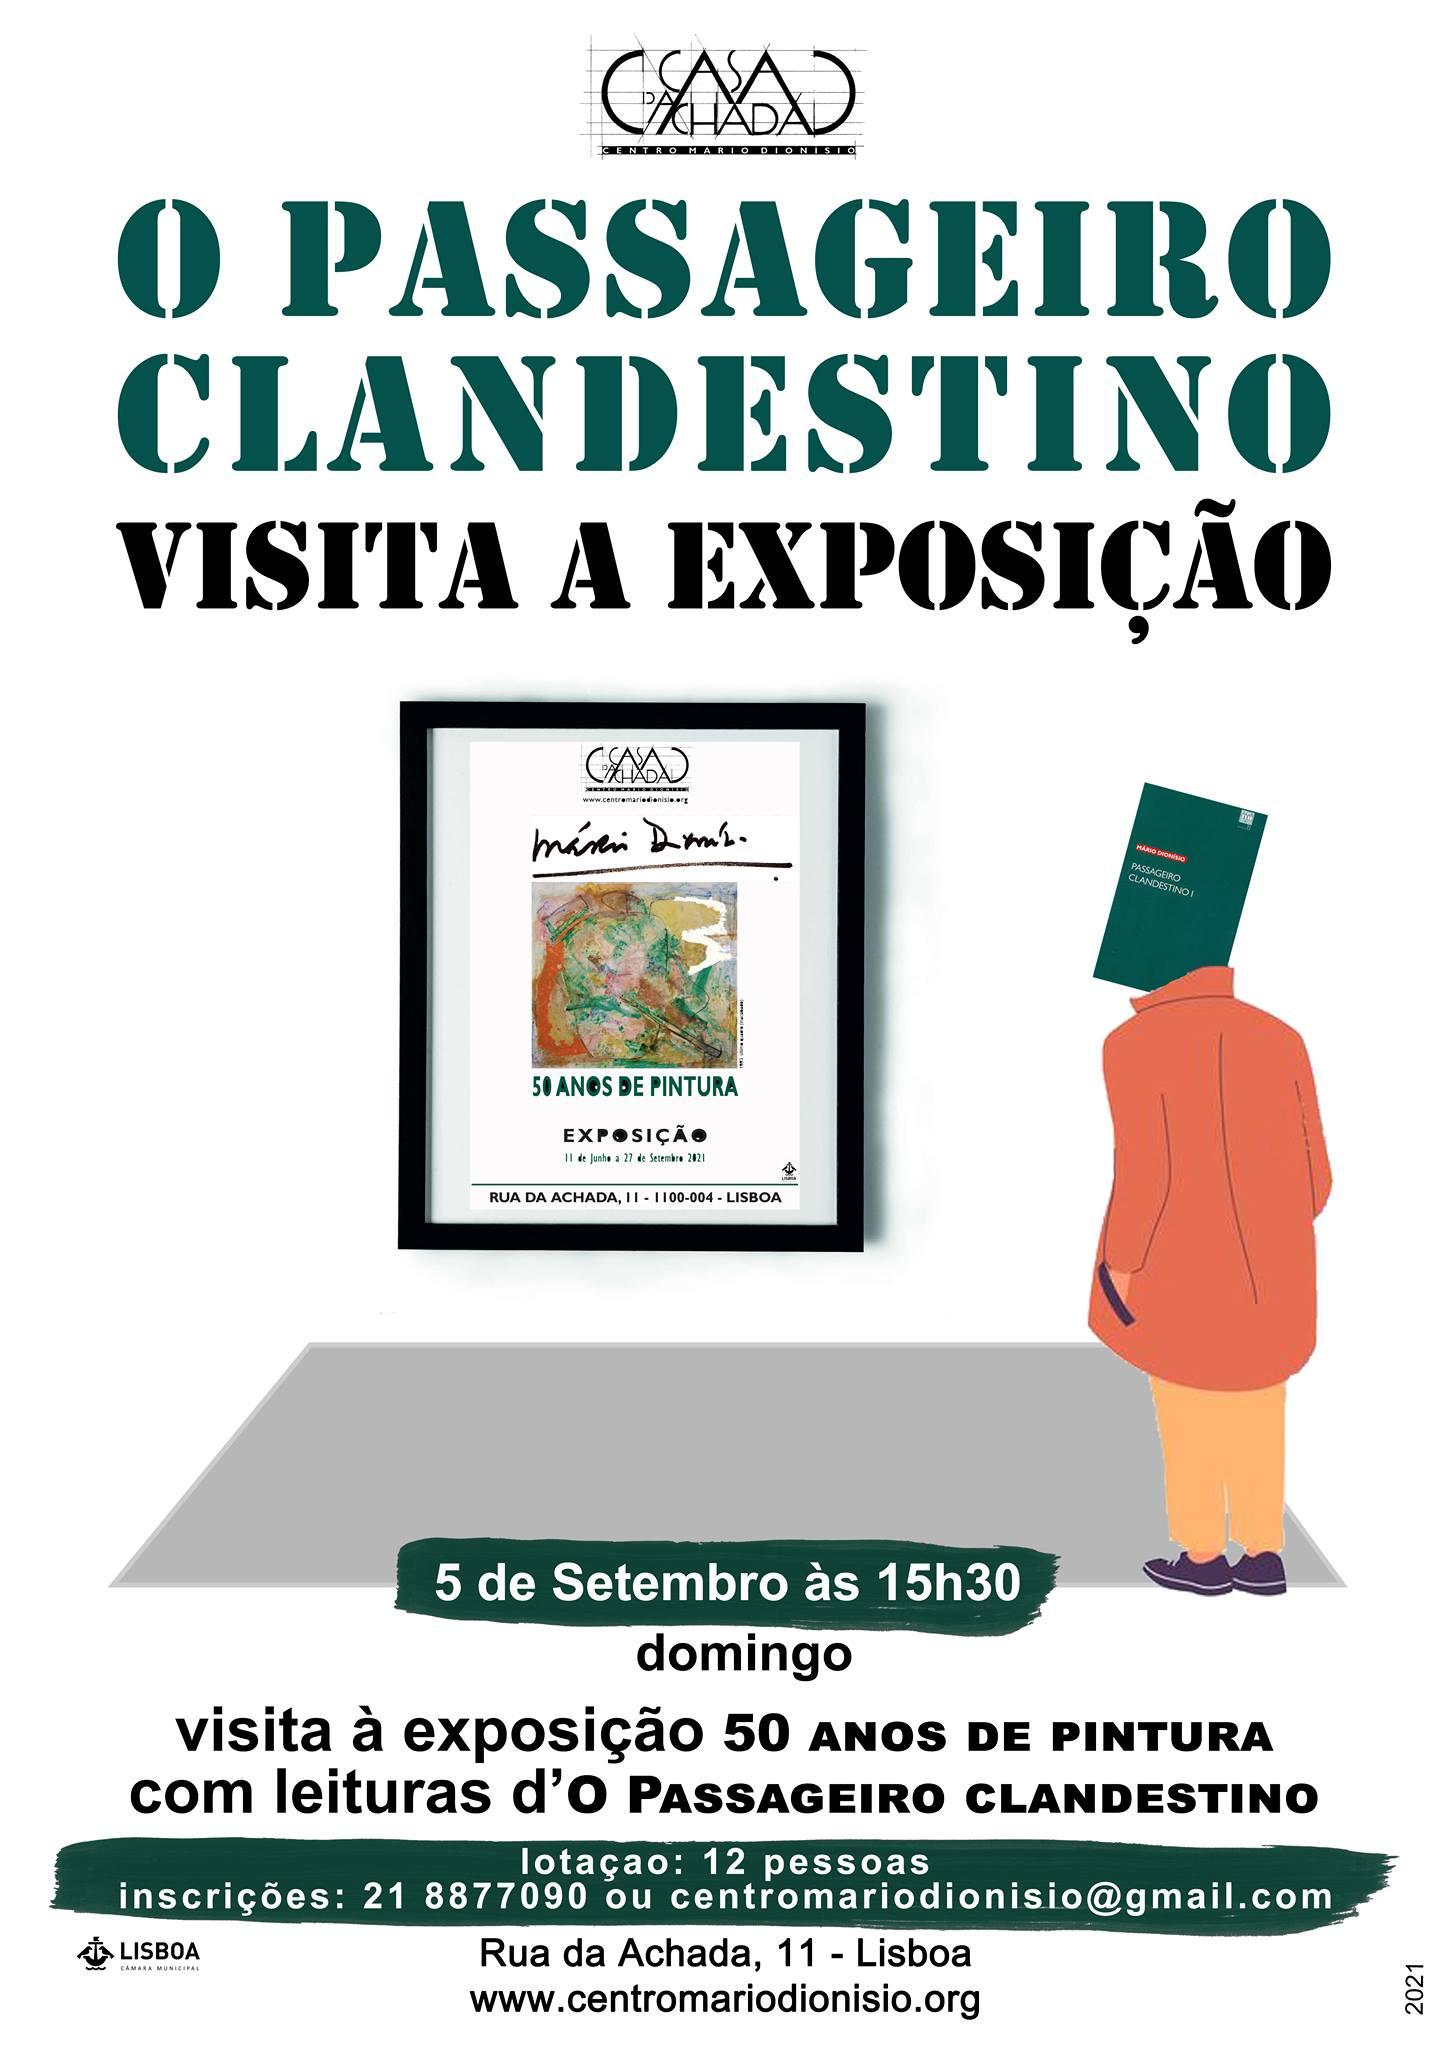 O «Passageiro Clandestino» visita a exposição